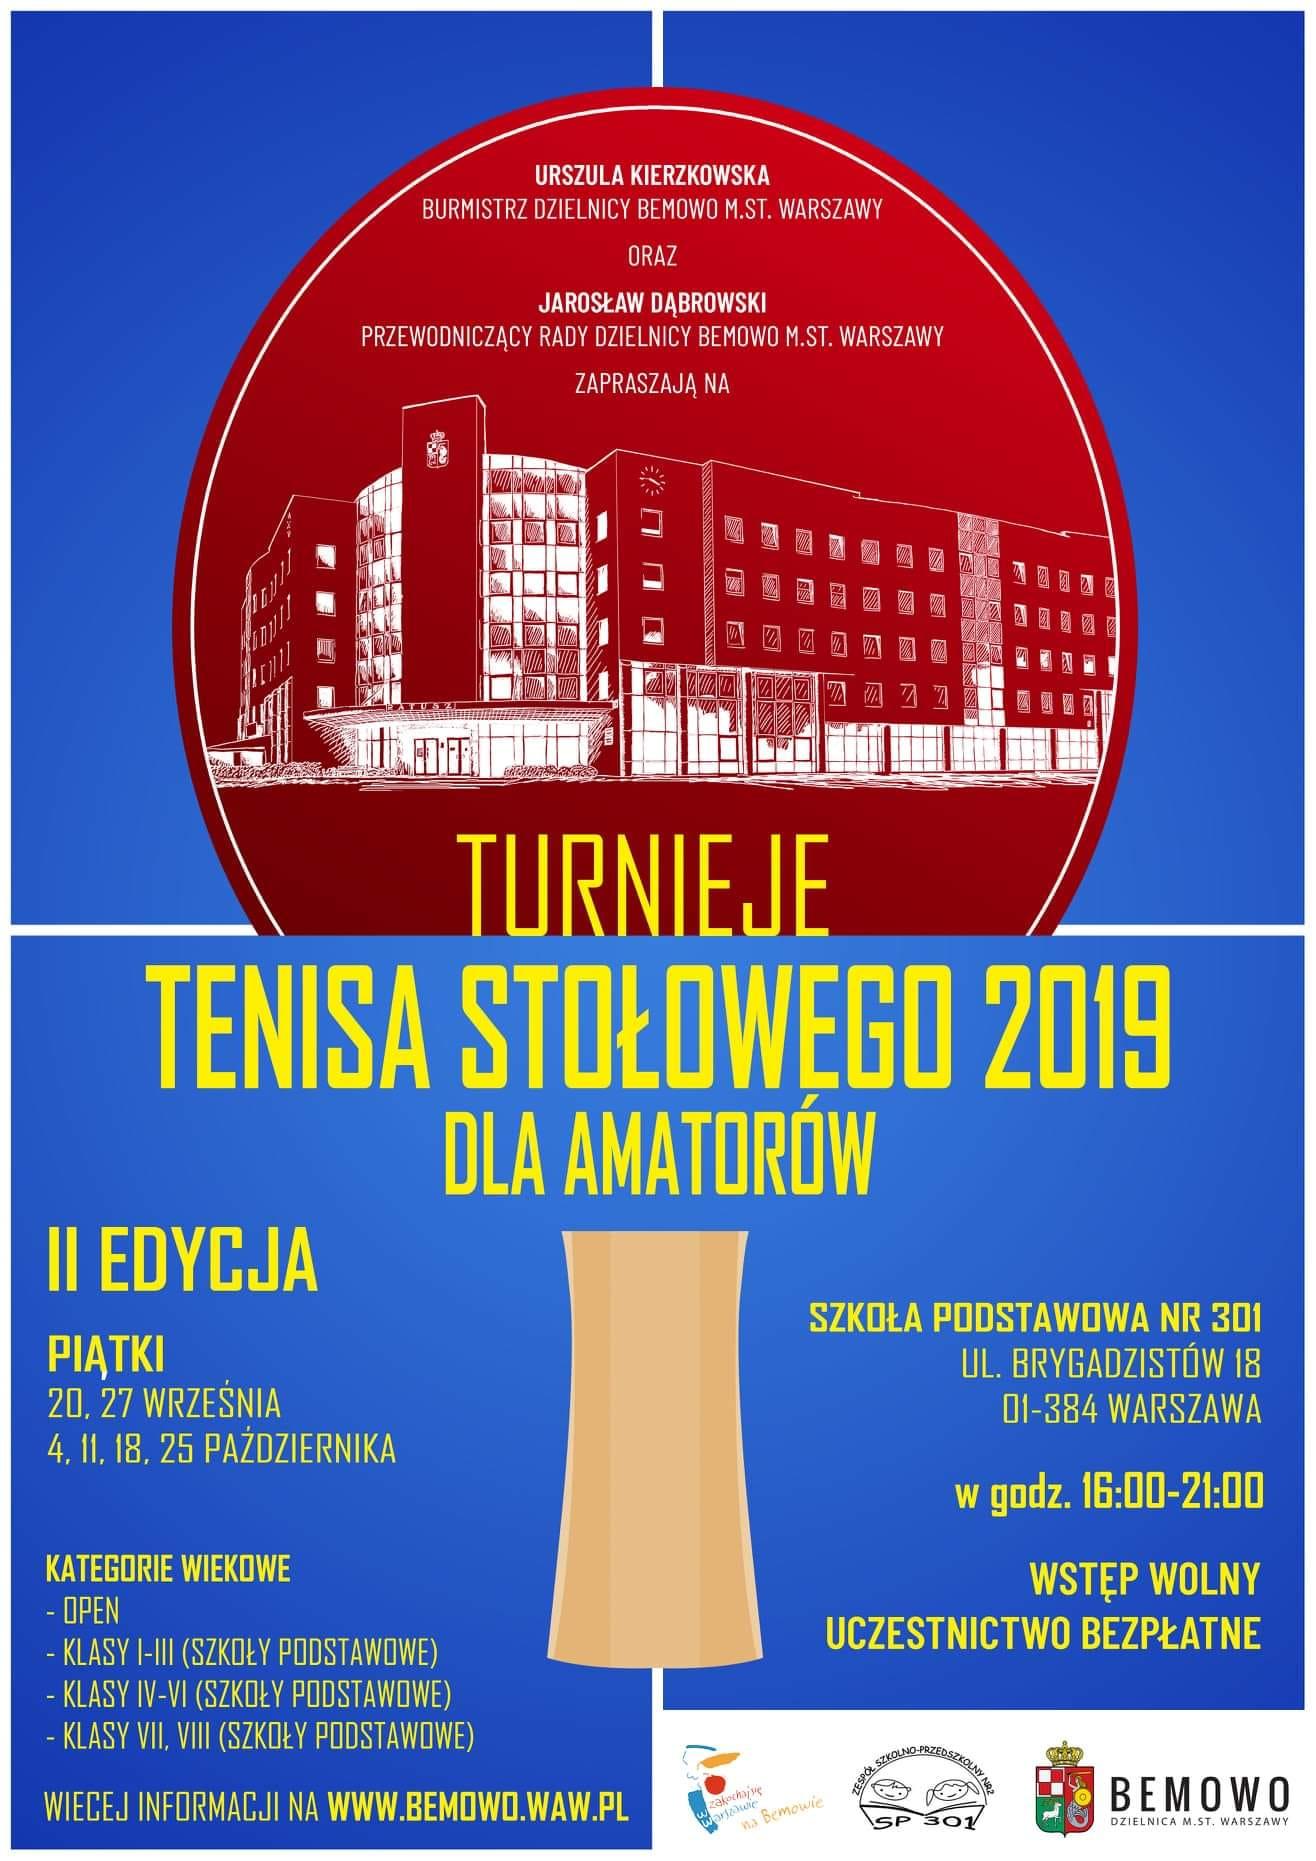 Plakat turnieju Turnieje tenisa stołowego Bemowo - Brygadzistów (20 września 2019) - II edycja